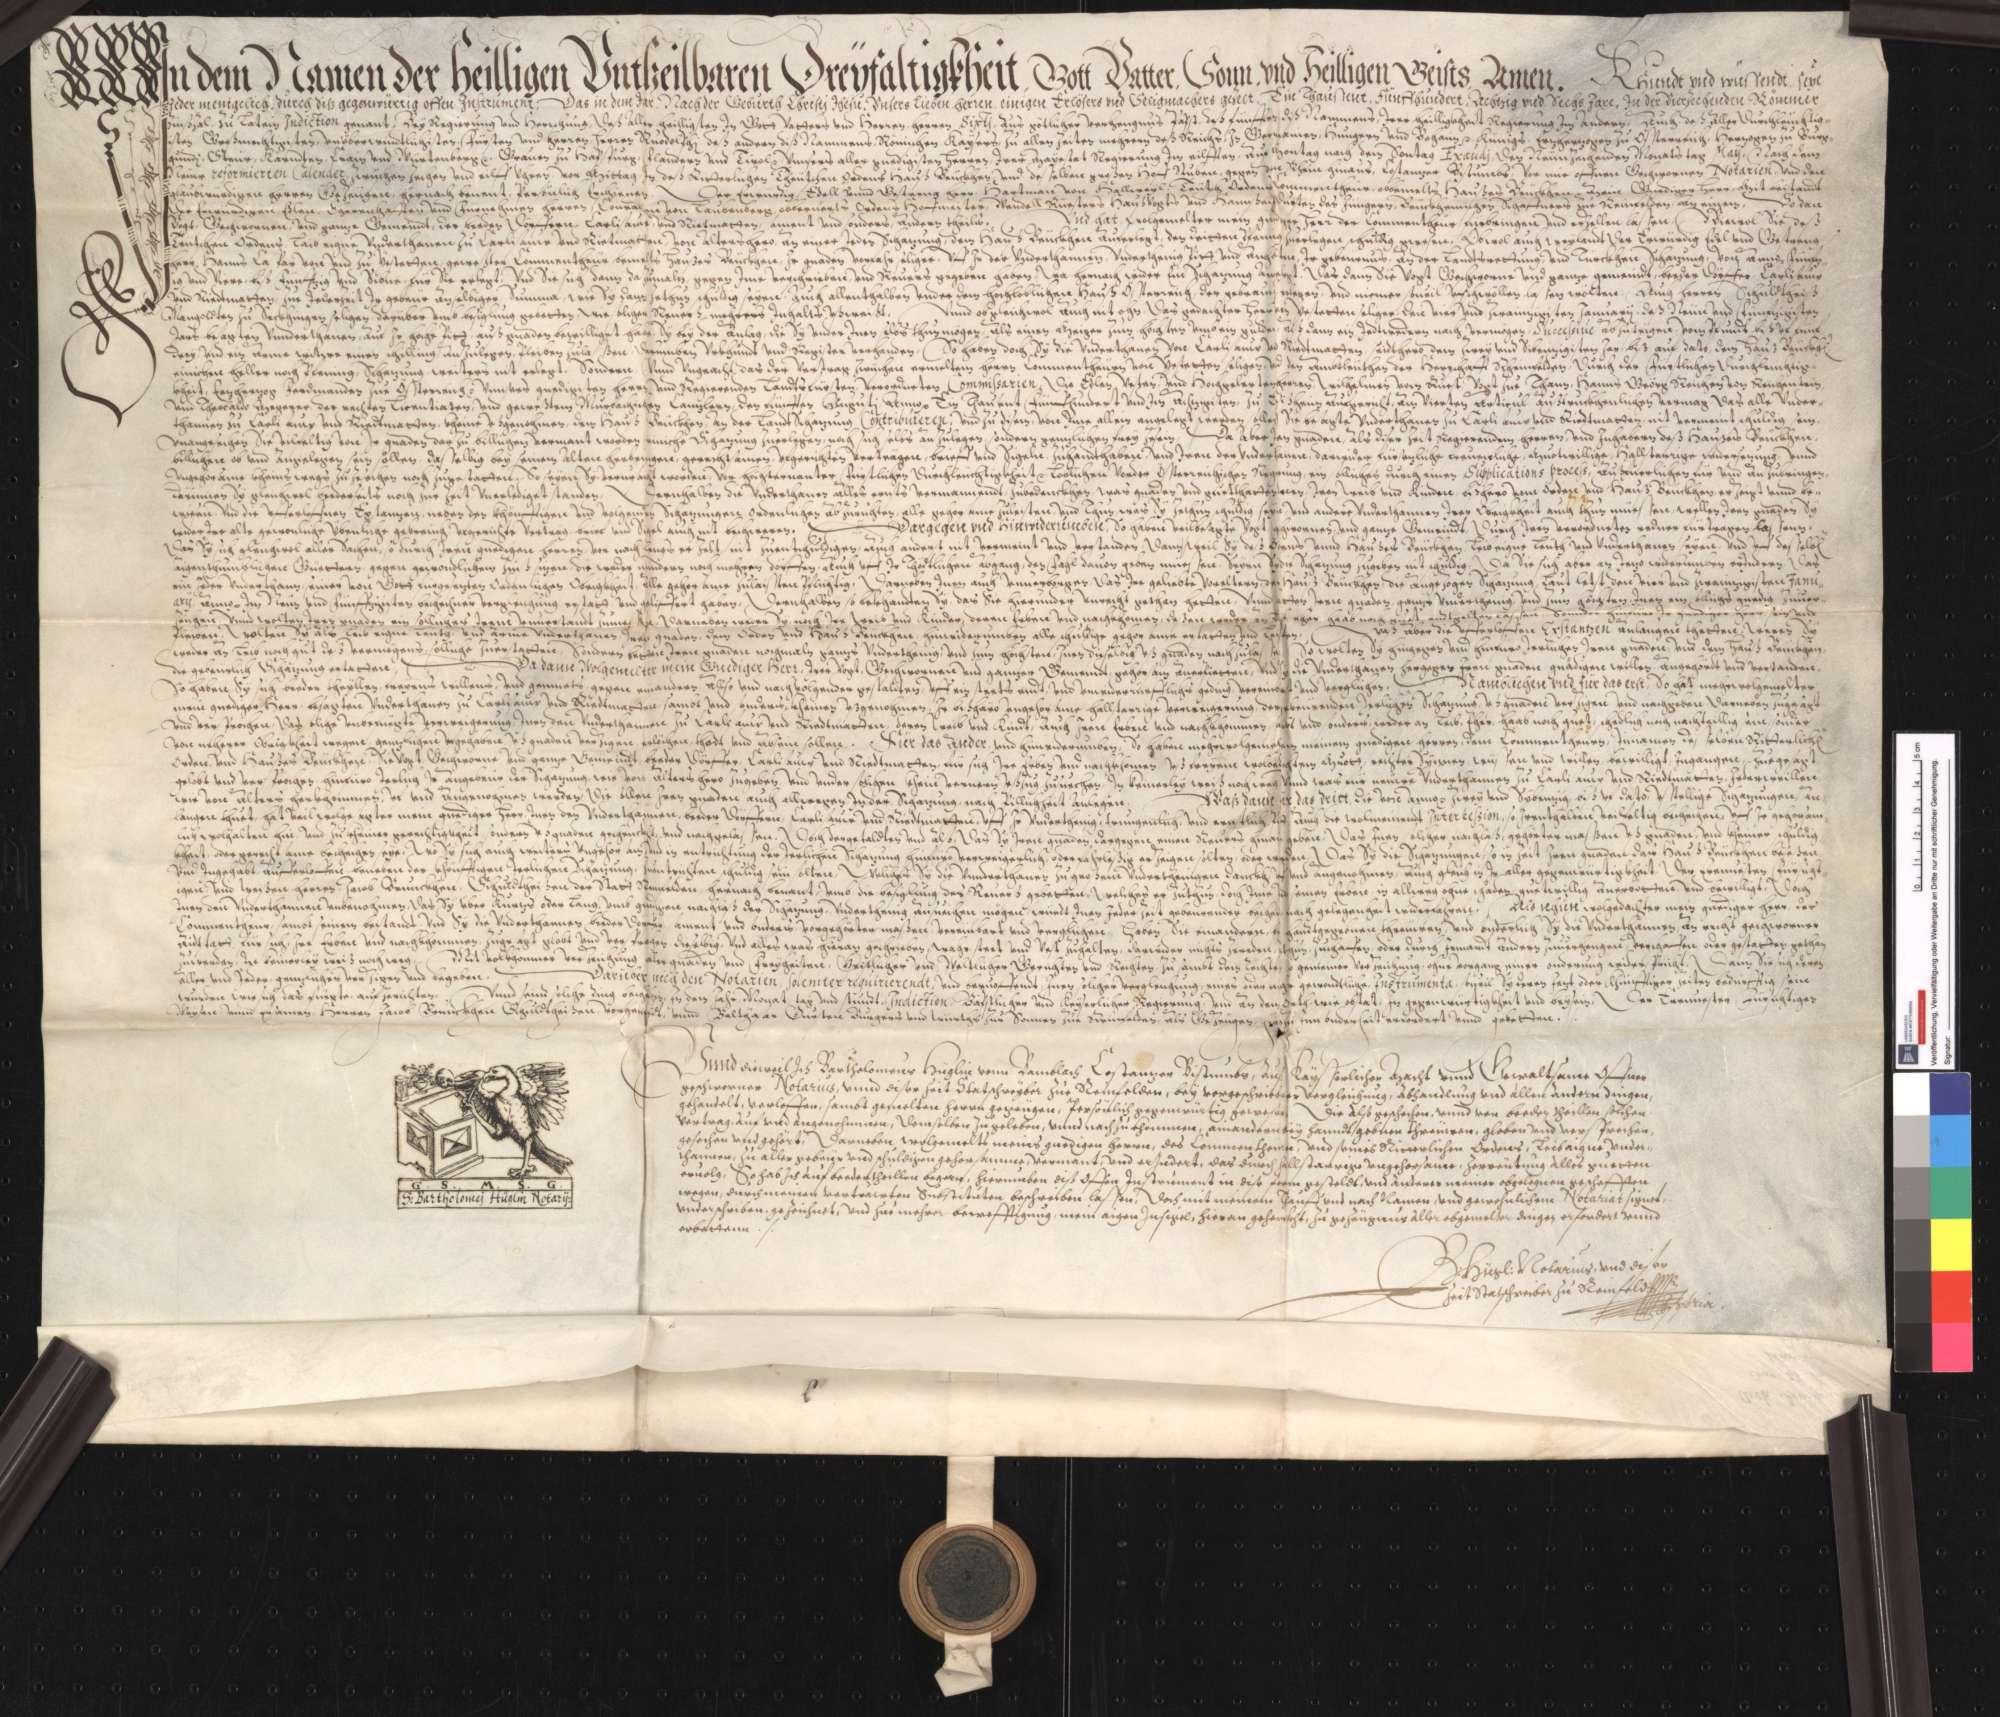 Notariatsinstrument über einen Vertrag zwischen Hartmann von Hallwil, Komtur zu Beuggen, und den Gemeinden Karsau und Riedmatt, wegen der von diesen zu entrichtenden Schatzung., Bild 1